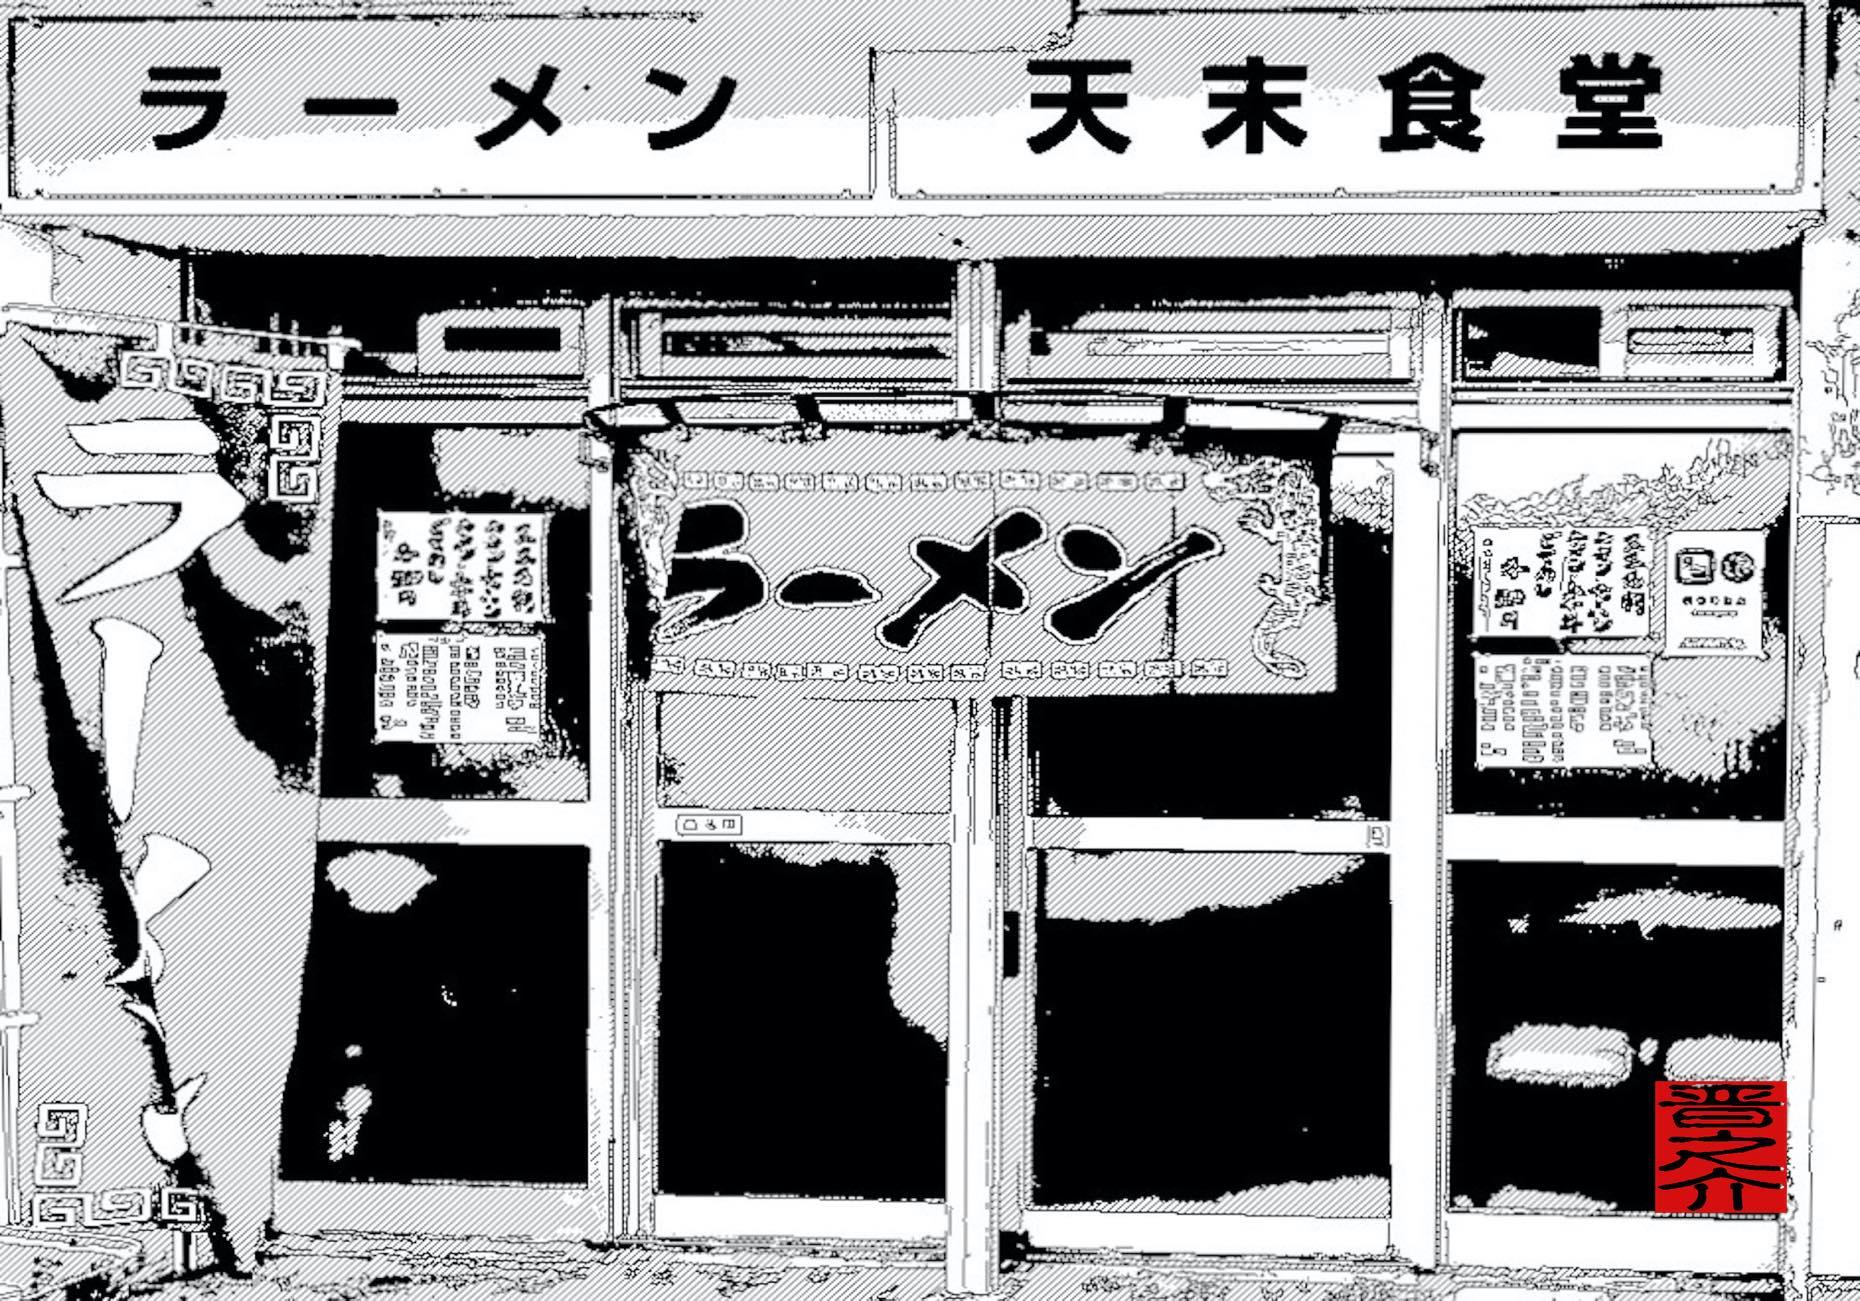 「ラーメン・チャーハン」500円!AM2:30から営業!市場関係者も唸る高CP!(ラーメン以外のメニューも旨いよ)天末食堂